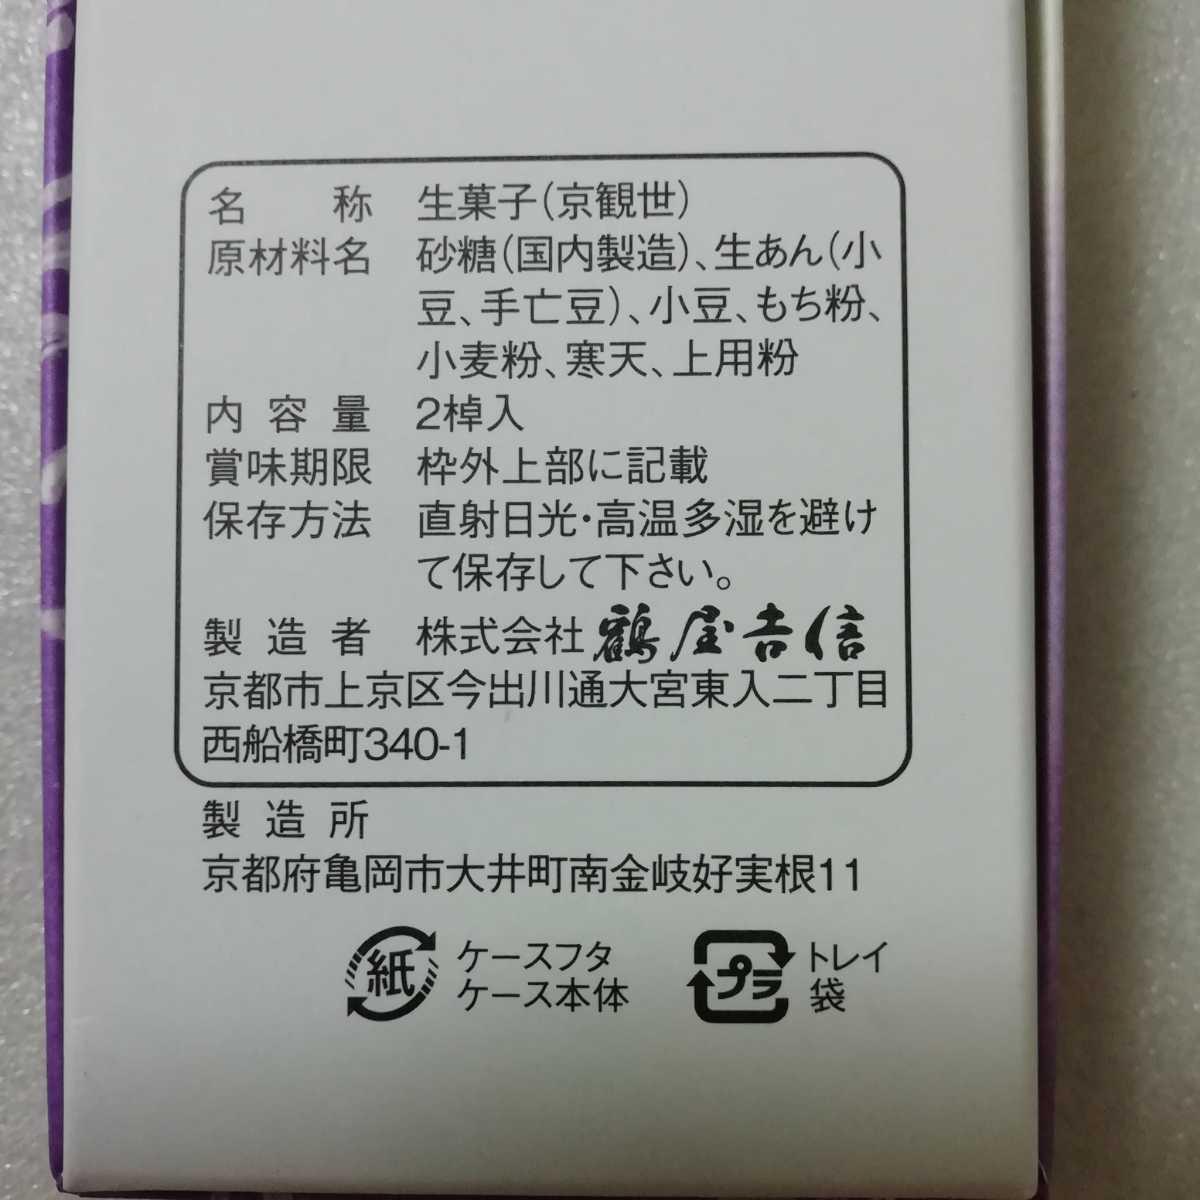 鶴屋吉信 京観世 柚餅 和菓子 詰め合わせ_画像3